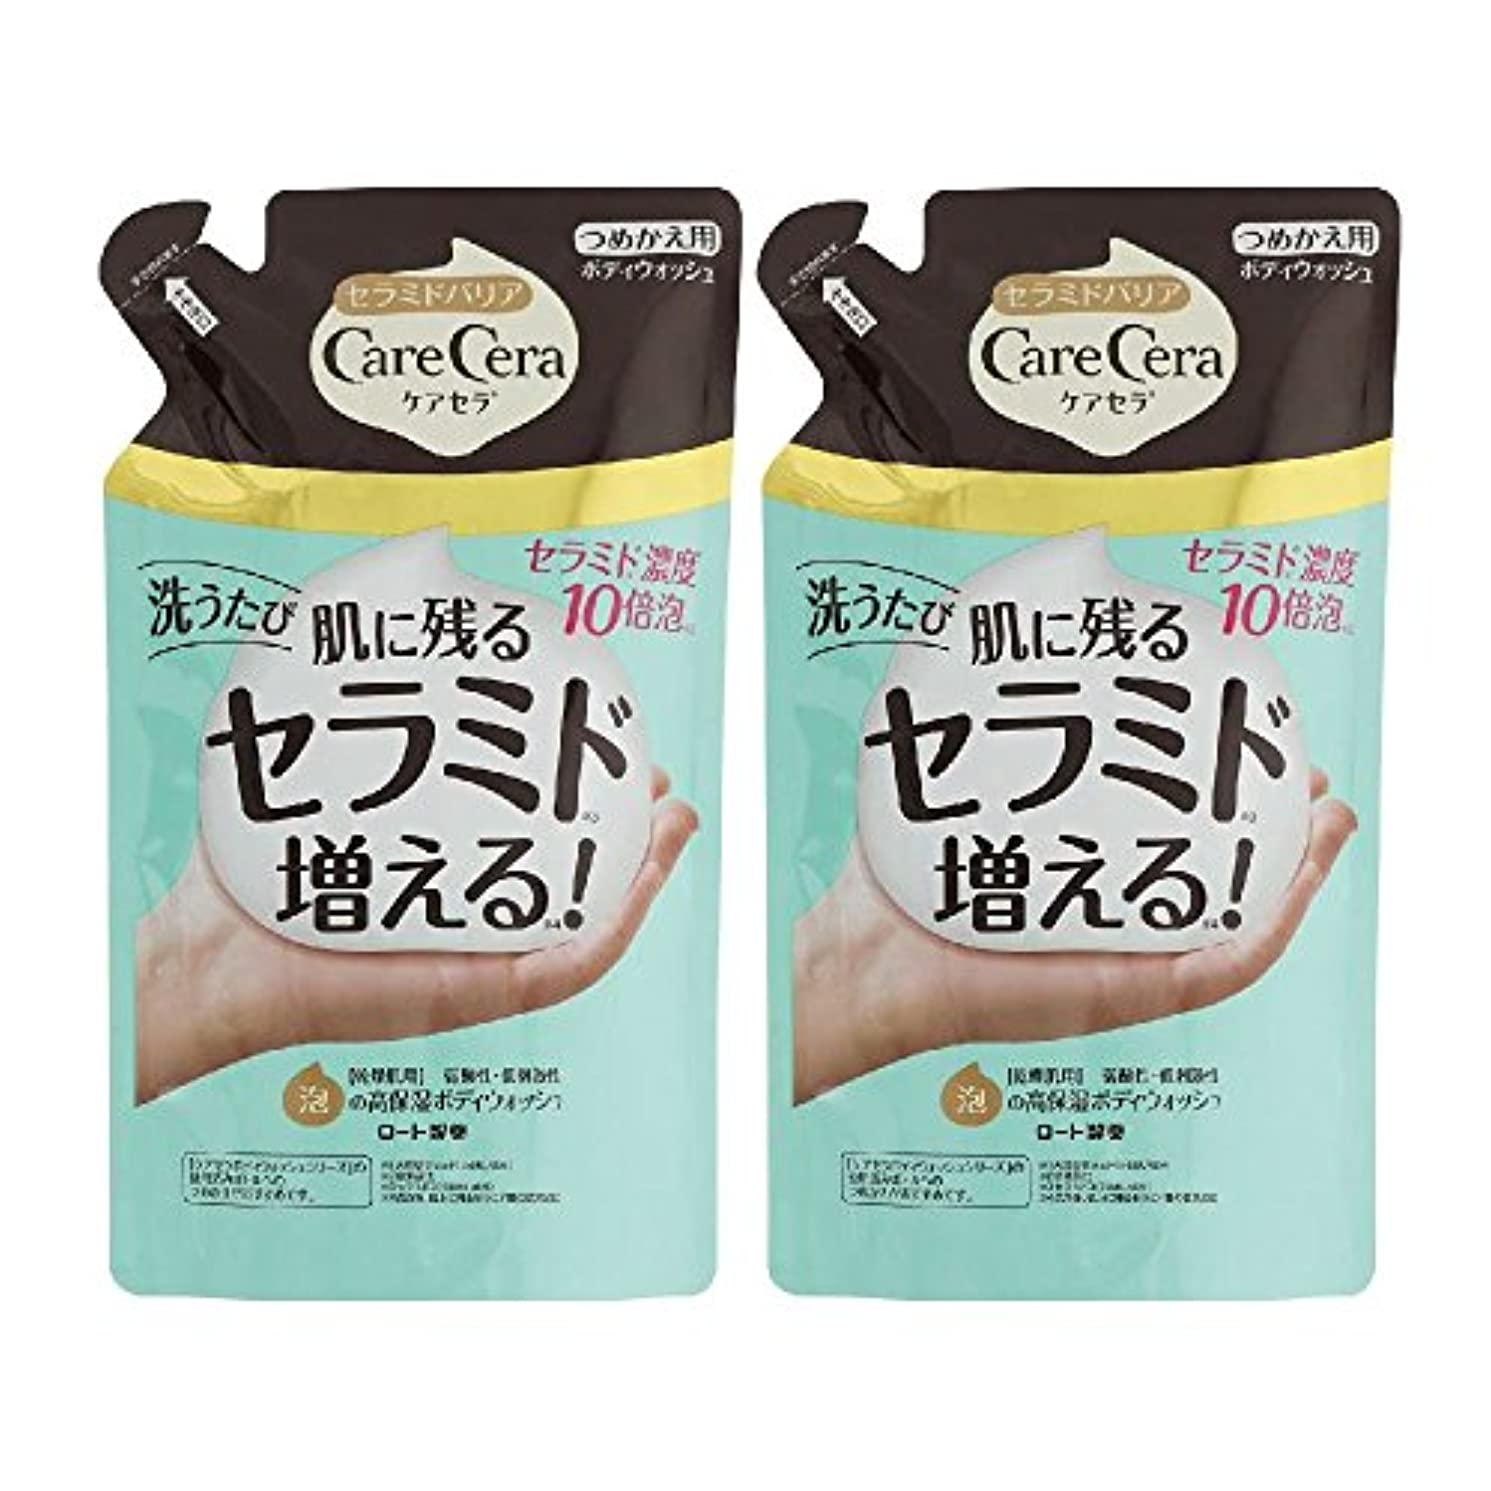 最終不十分東方ケアセラ (CareCera) 泡の高保湿 ボディウォッシュ ピュアフローラルの香り (つめかえ用) 350mL×2個 ※セバメドモイスチャーローション10mlサンプル付き